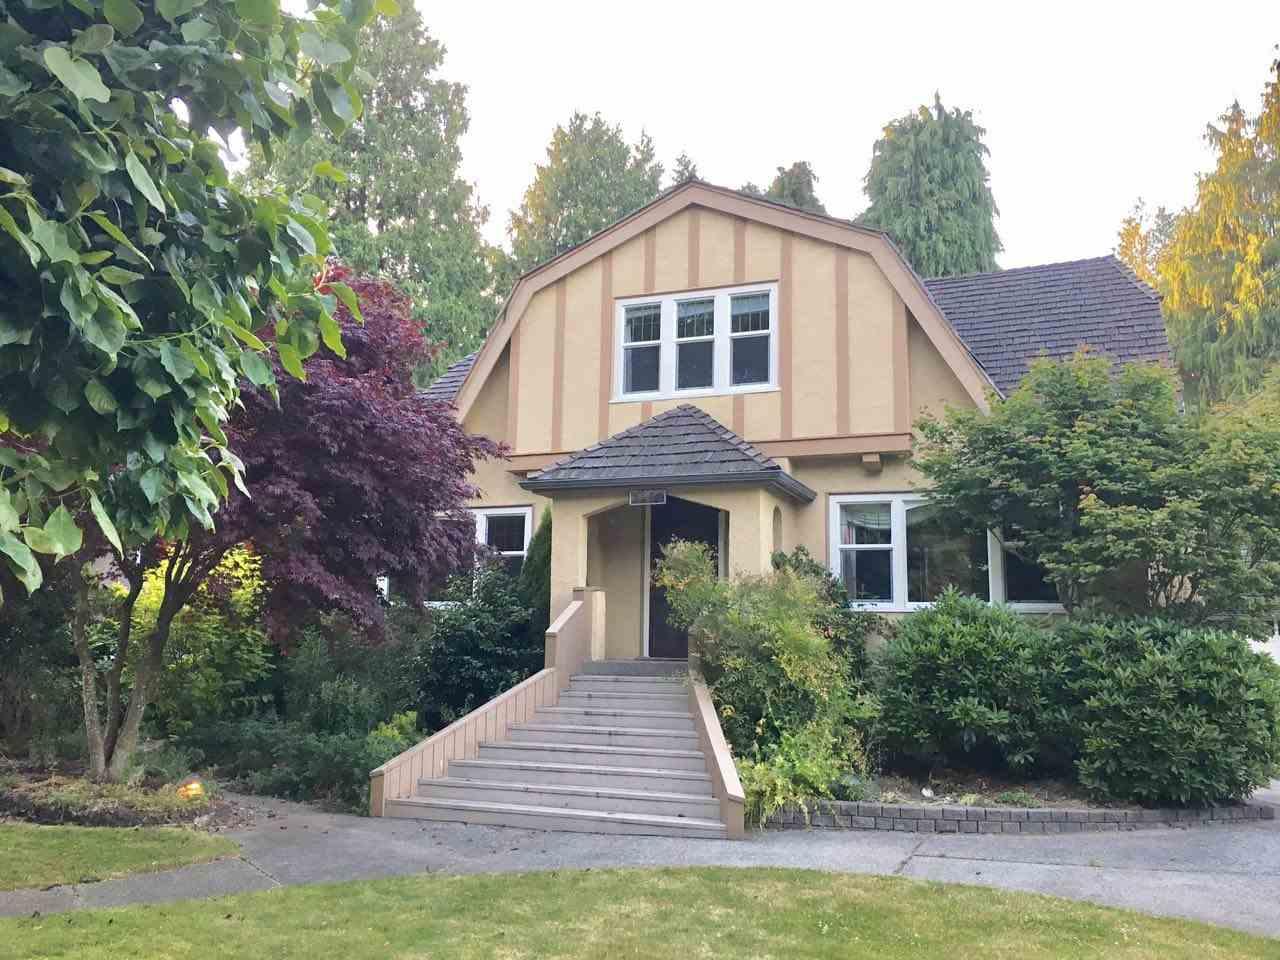 3469 W 43RD AVENUE, Vancouver, BC V6N 3J6